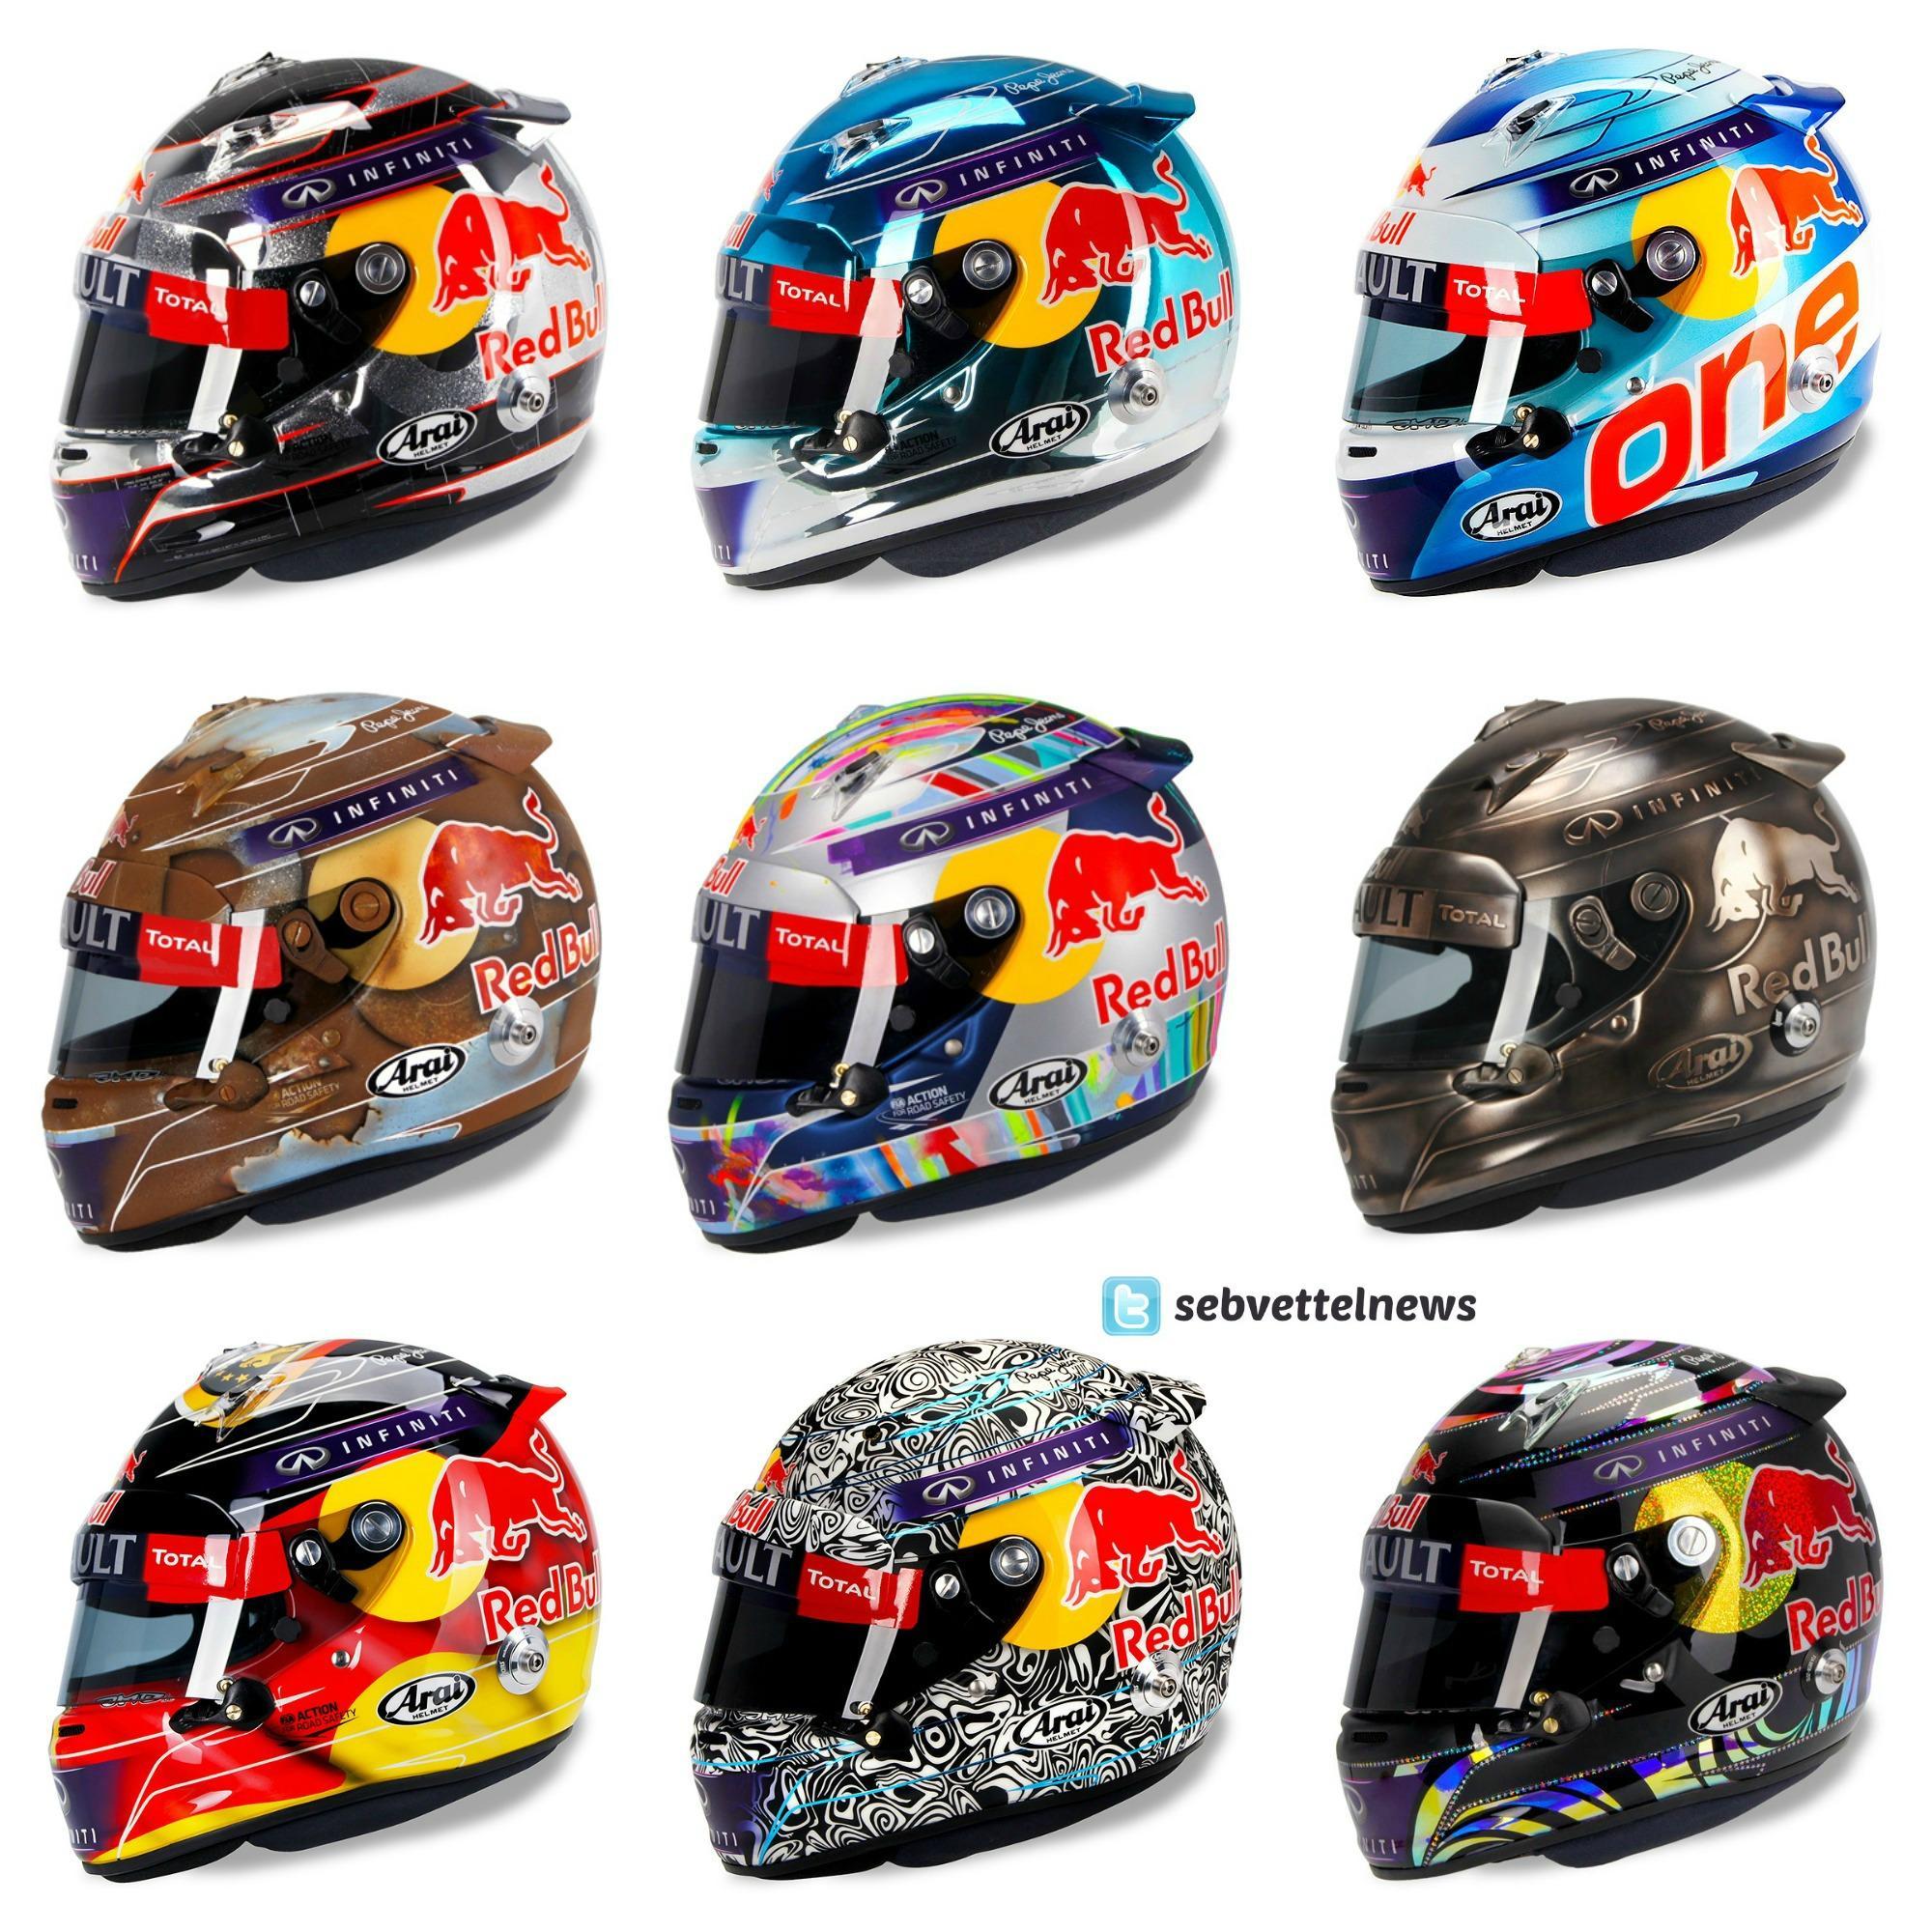 Sebastian Vettel Helmet 2014 Sebastian Vettel #5 on...